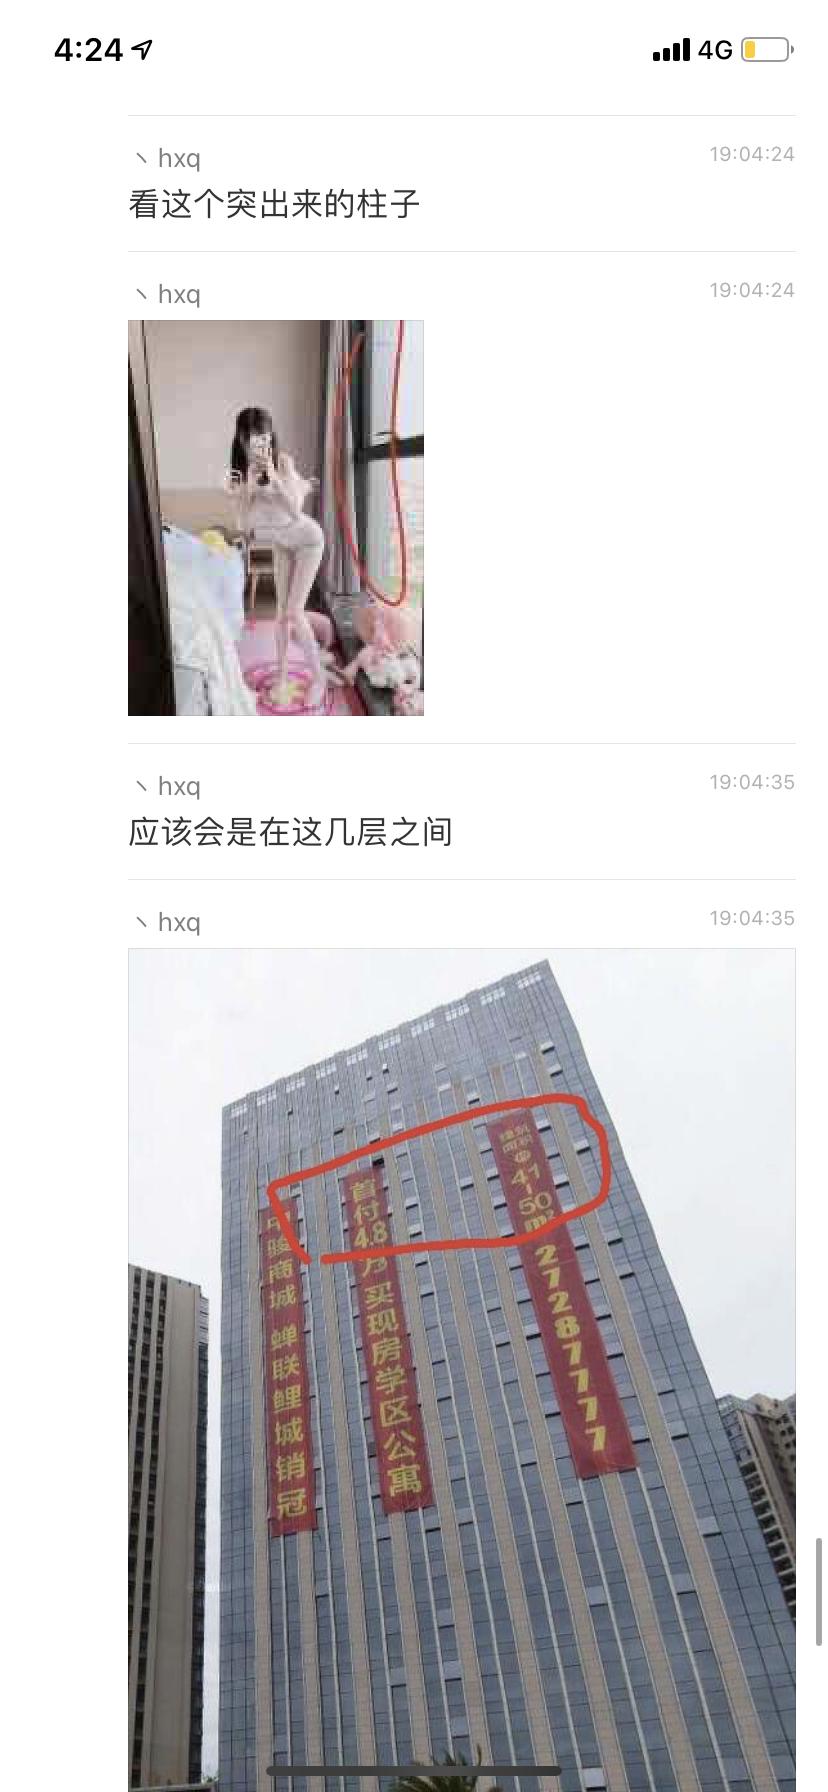 """福利姬""""快点亲亲我吖""""拍照秀美图被侦查破解住址!-sao-『游乐宫』Youlegong.com 第16张"""